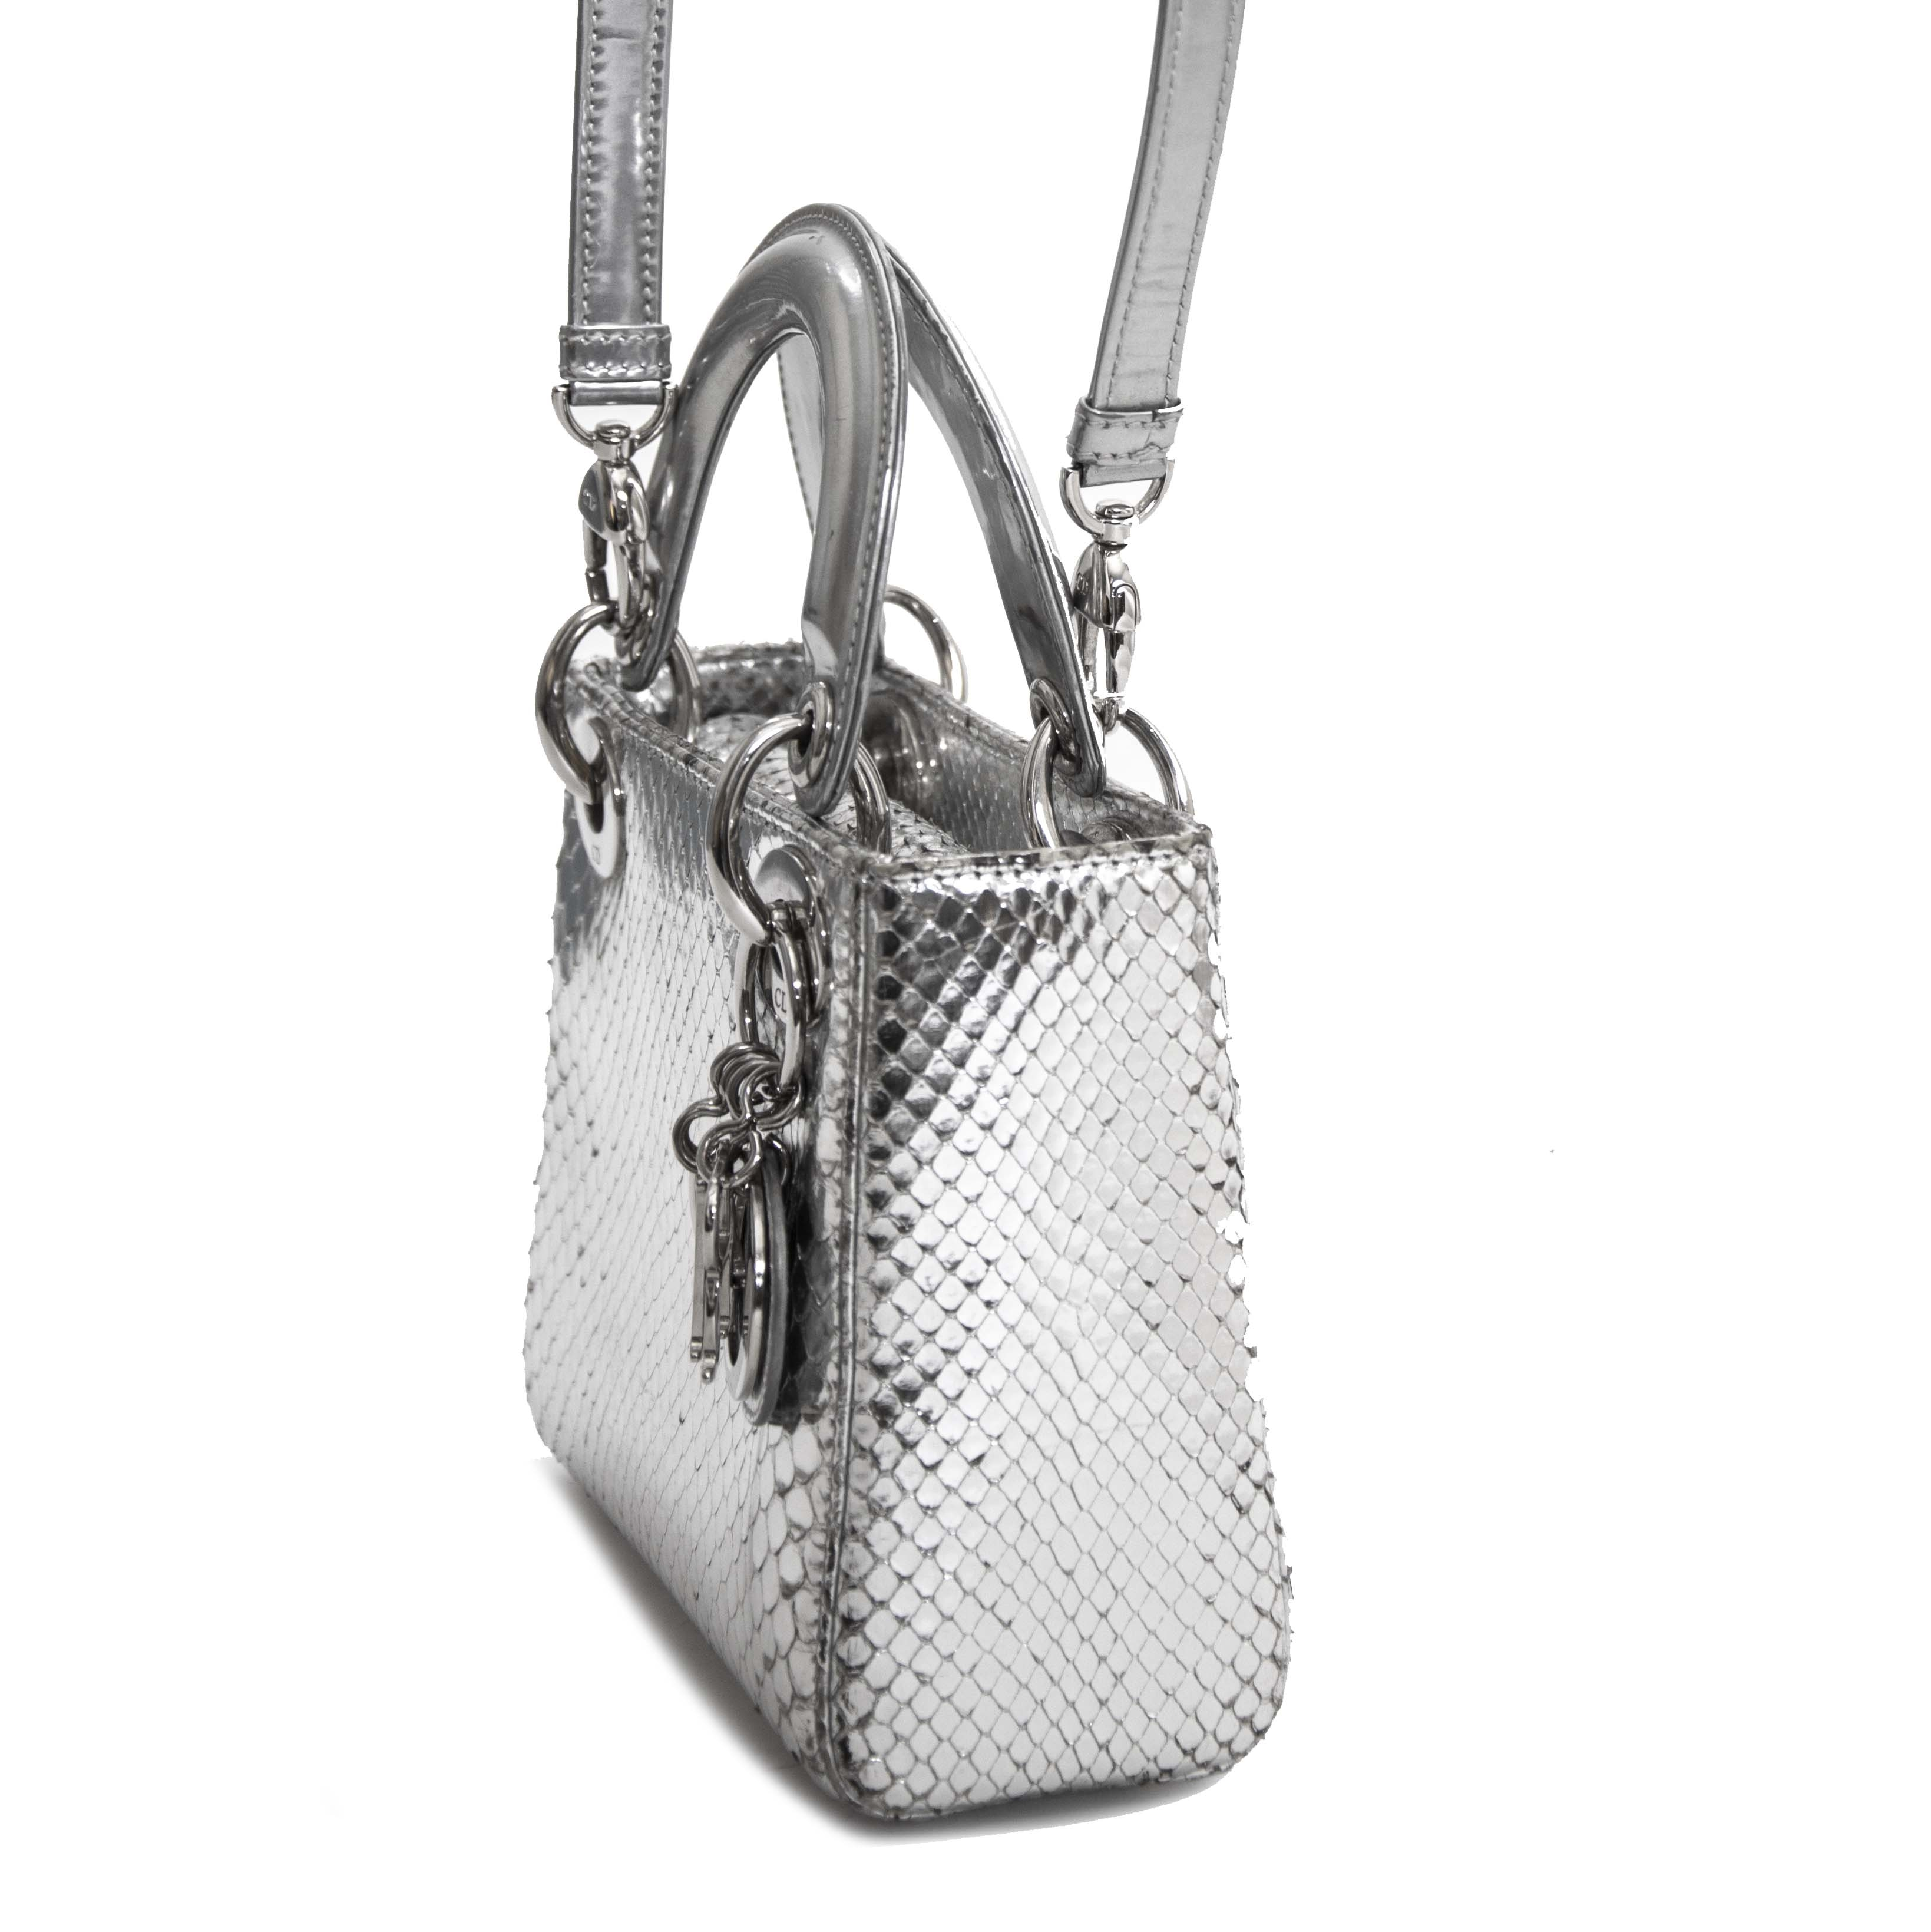 koop veilig online tegen de beste prijs Dior Silvery Python Mini Lady Dior Bag